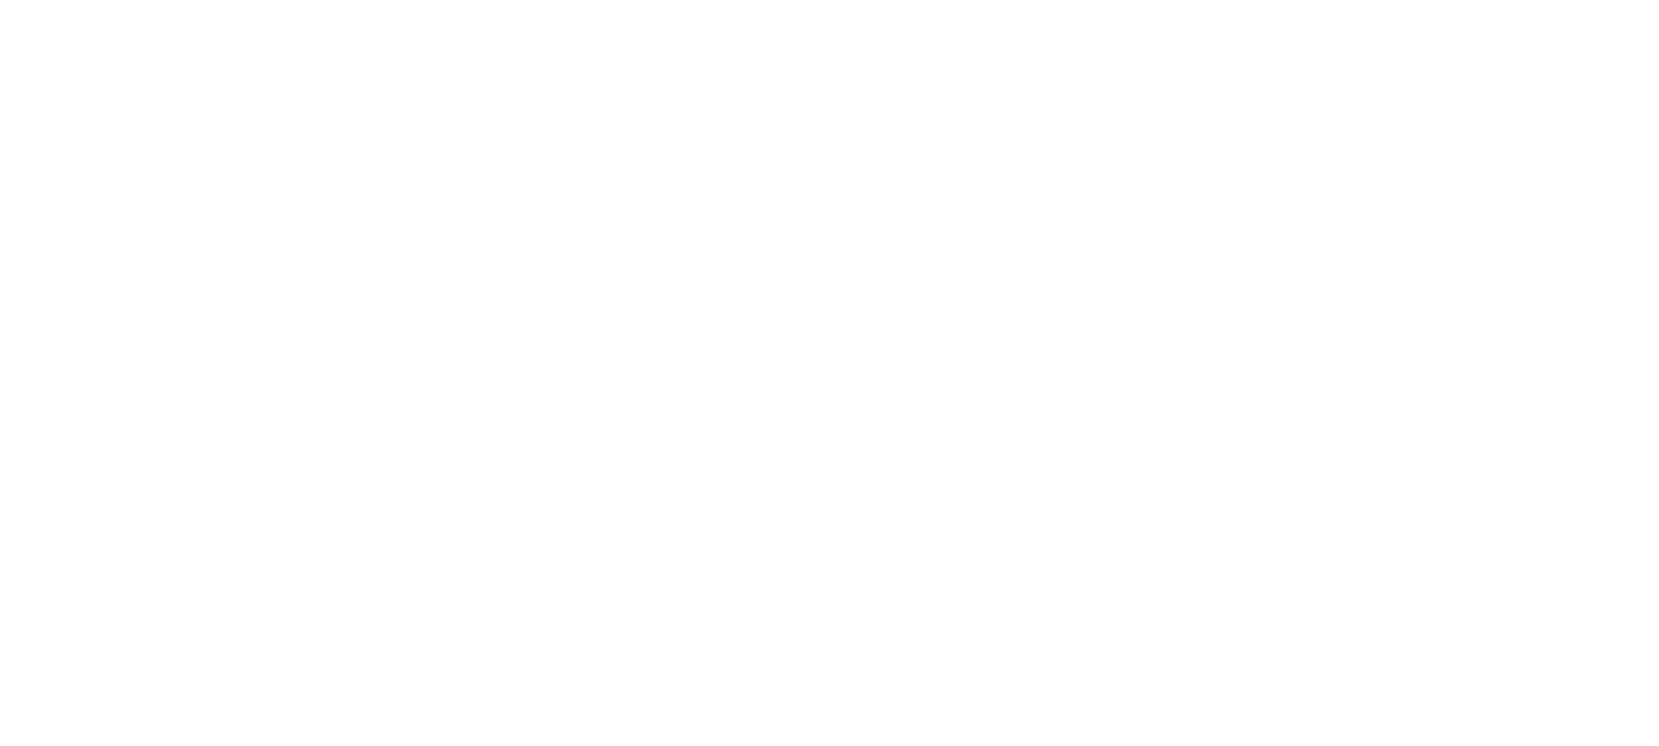 Amsterdam Historical Buidlings